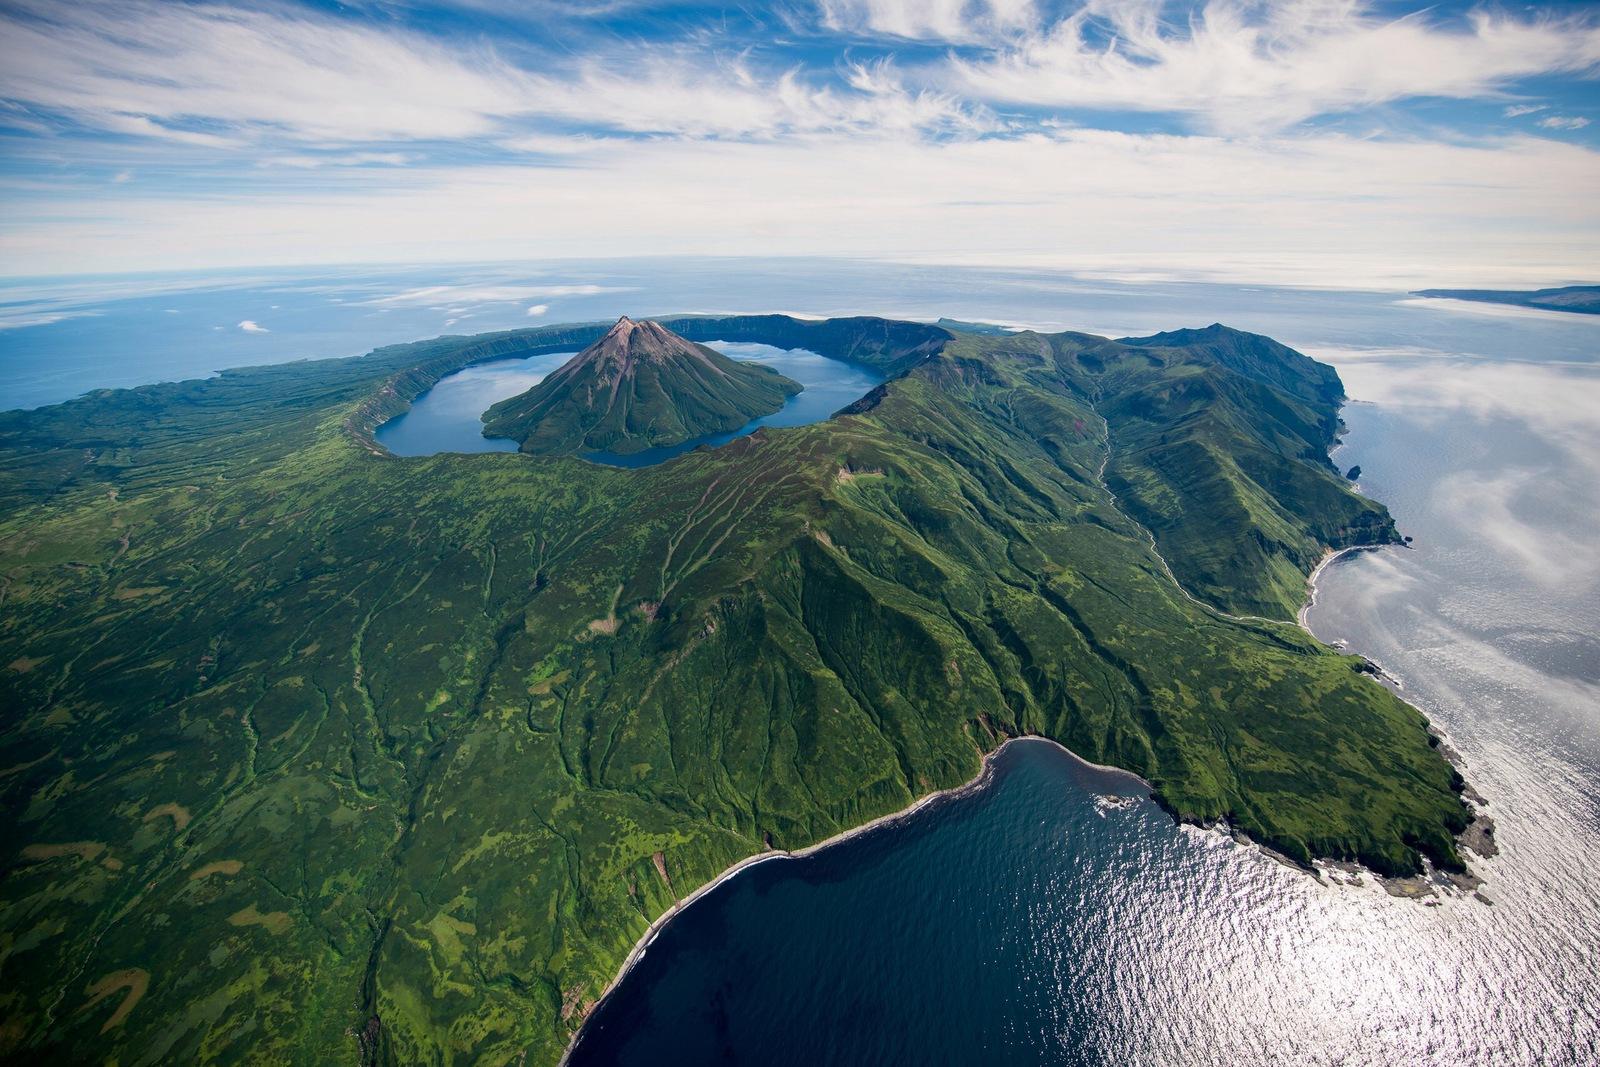 курильские острова картинки